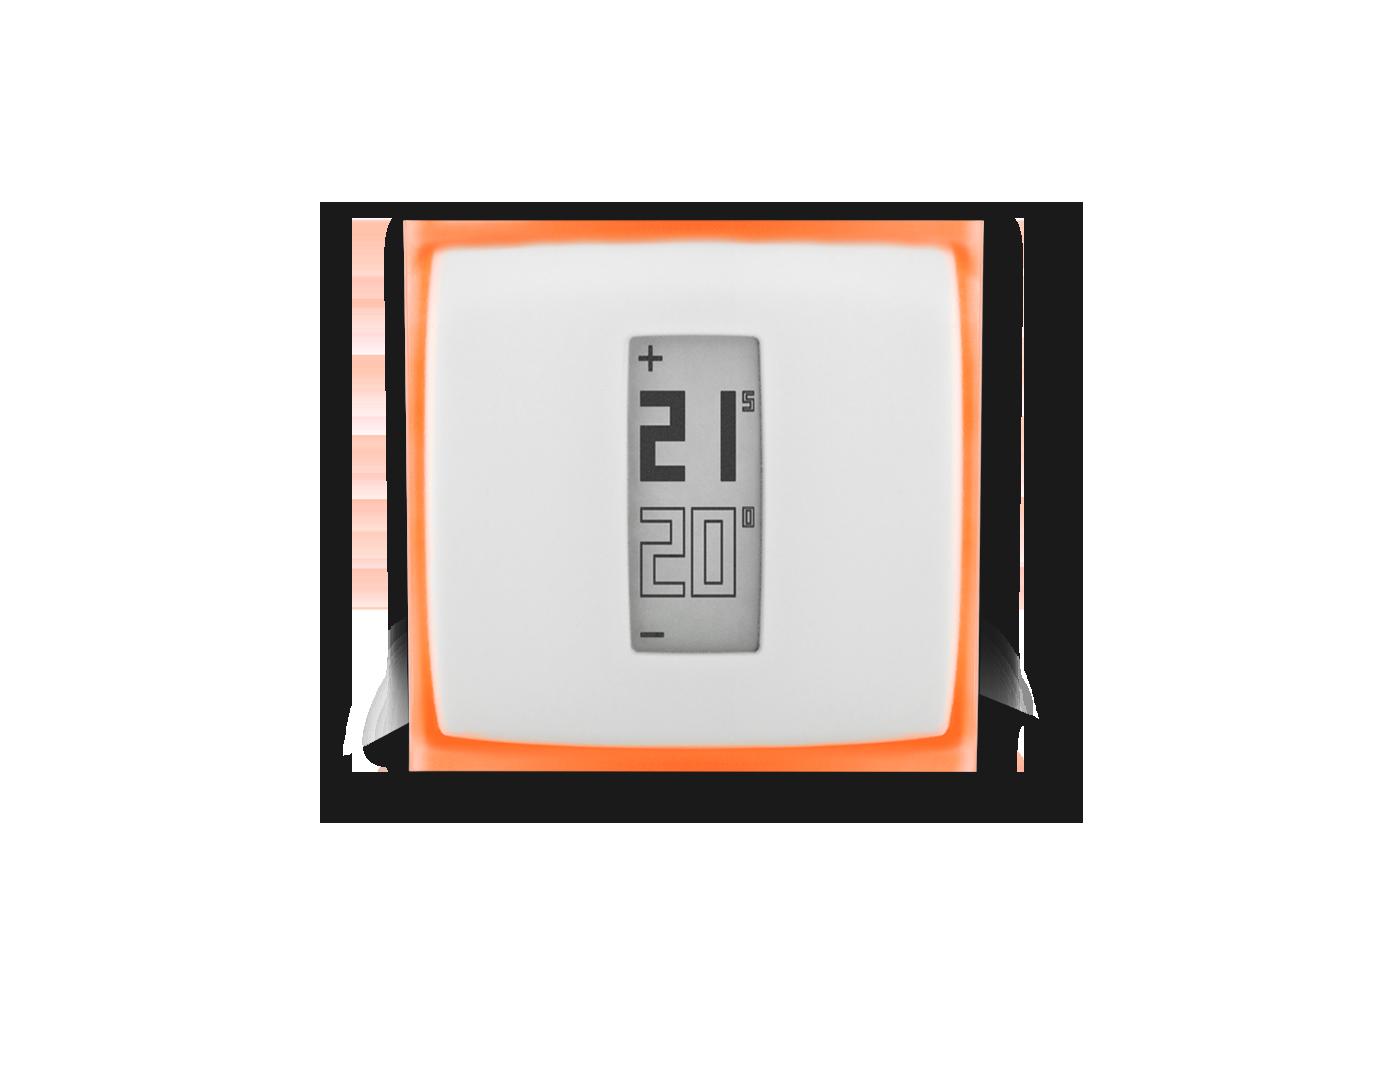 Netatmo NTH01 Thermostat mit App für Smartphone